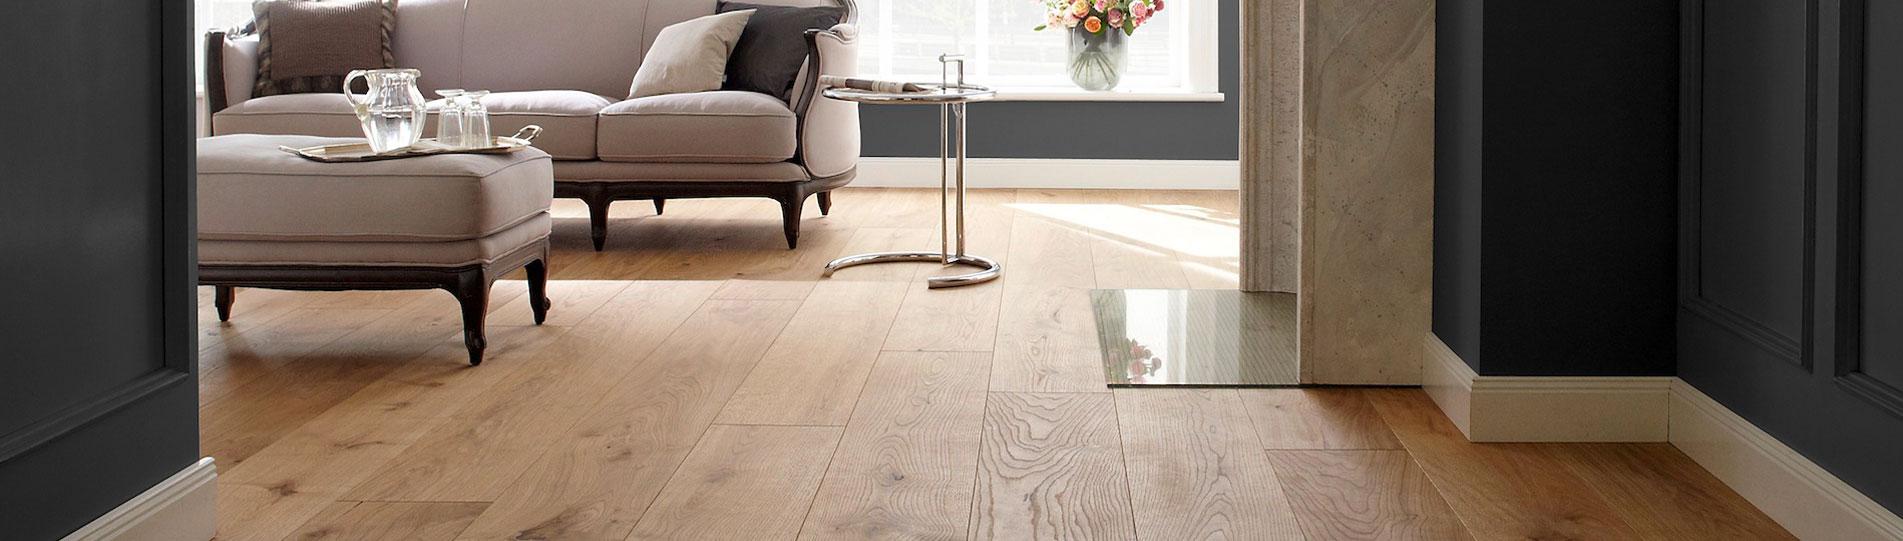 Tre P Ceramiche - Compra online pavimenti, porte, bagni, sauna ...